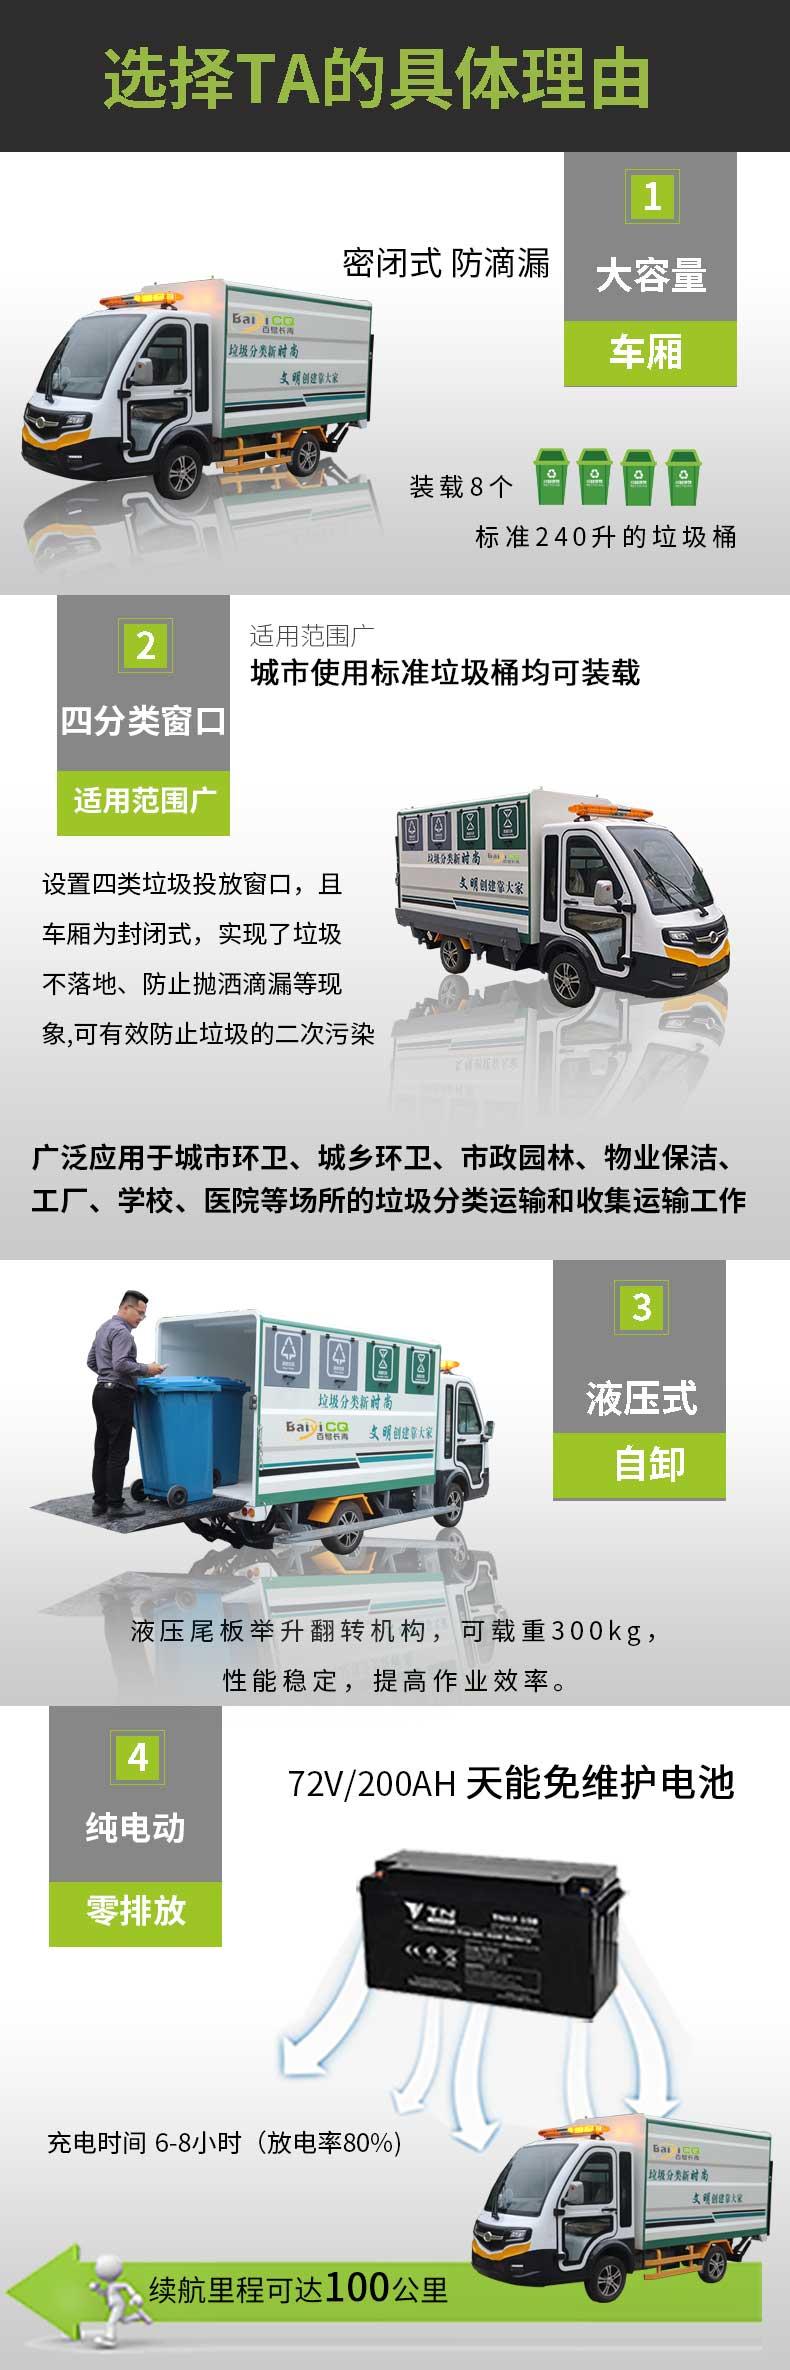 客户选择百易长青此四分类纯电动垃圾清运车的具体理由